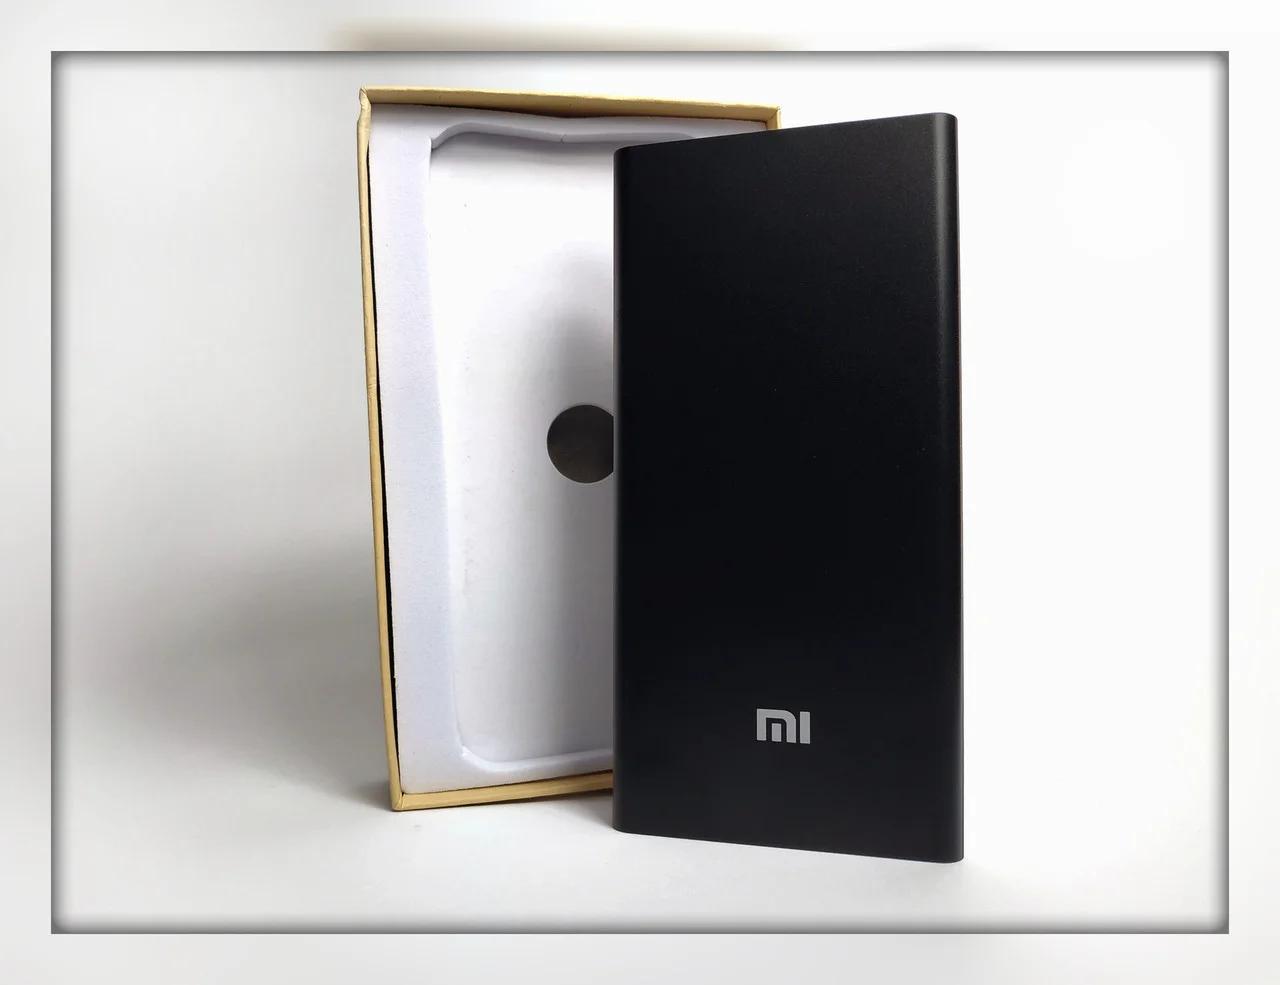 Power Bank Xiaomi Mi 24000 mAh Черный USB  повер банк металл